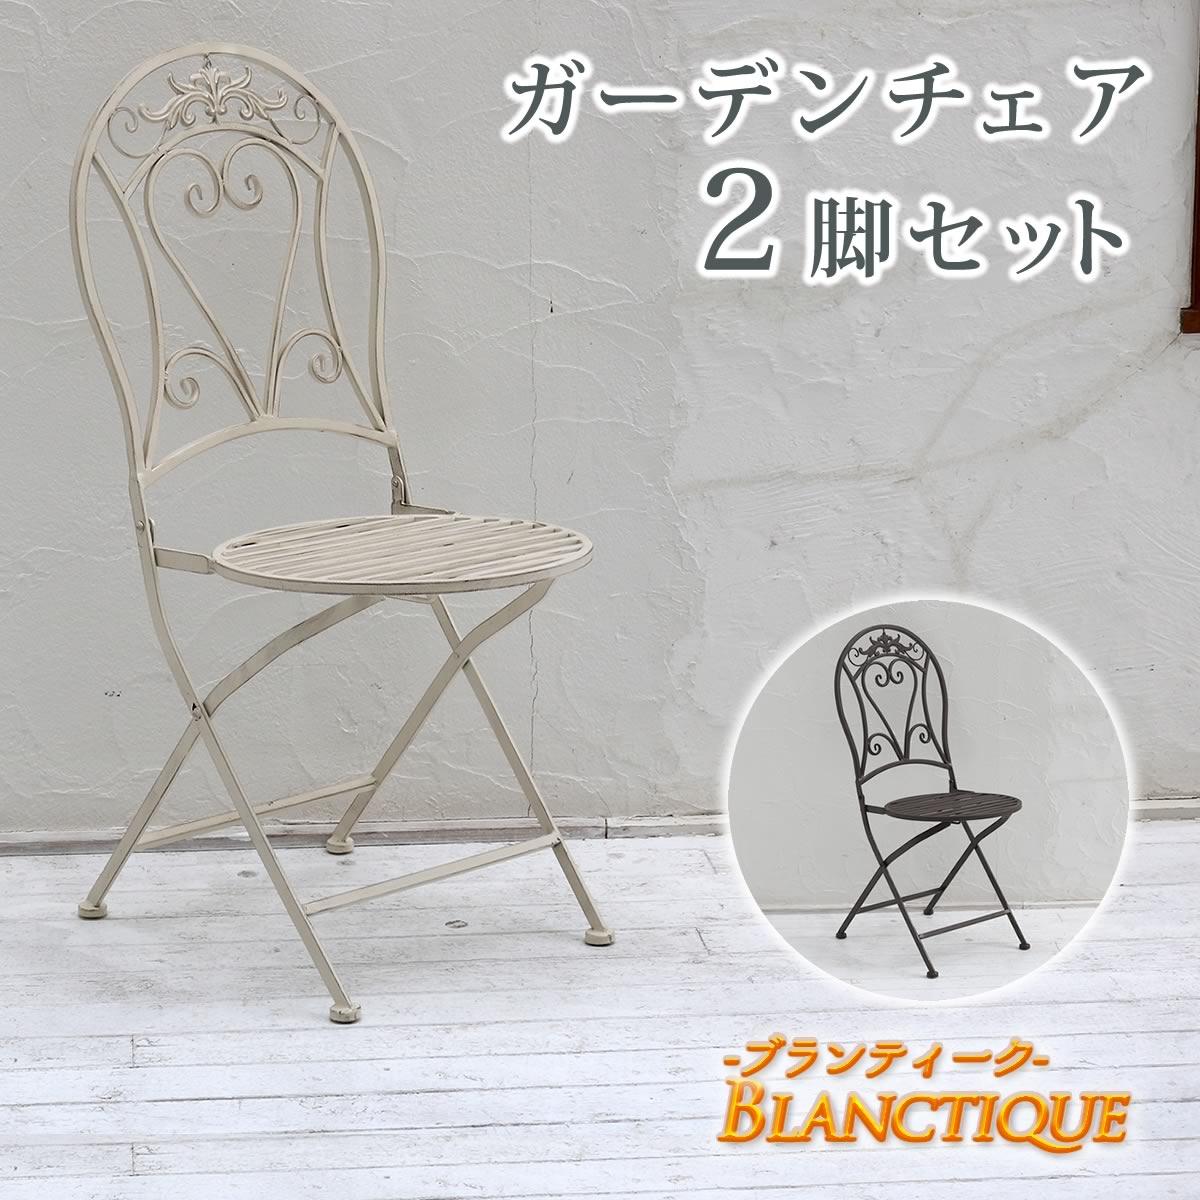 アウトドア テーブルセット ブランティーク ホワイトアイアンチェア 2脚セット ガーデンテーブル テラス 庭 ウッドデッキ 椅子 アンティーク クラシカル イングリッシュガーデン ファニチャー シンプル 北欧 インテリア 家具 おしゃれ カフェ